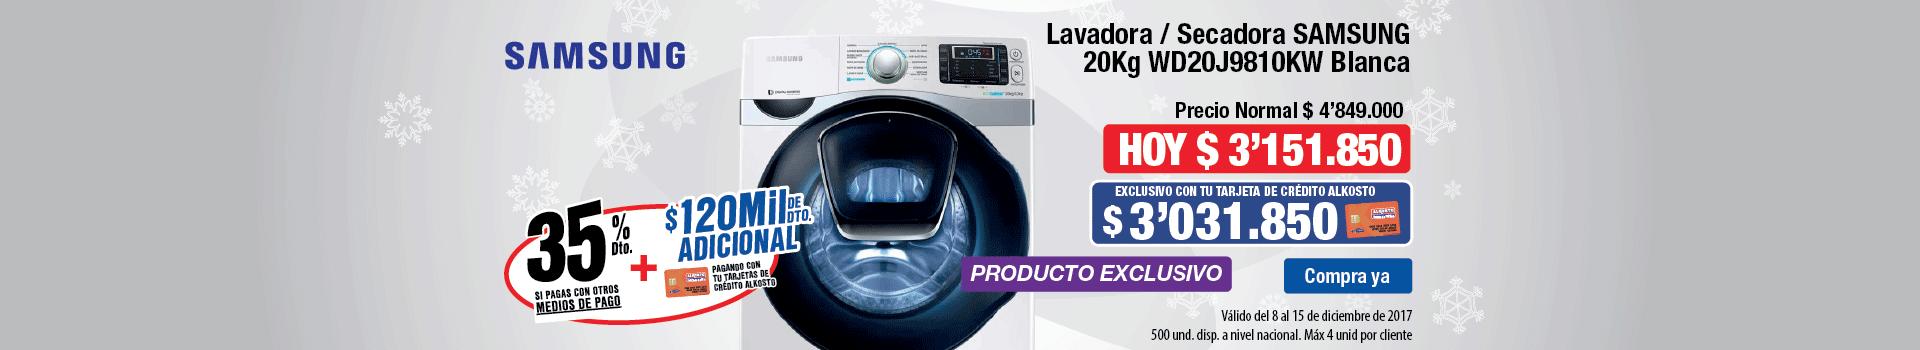 CAT LAVSEC-AKyKT1-LB-lavadora-secadora-samsung-20kg-wd20j9810kw-prod-dic8al15